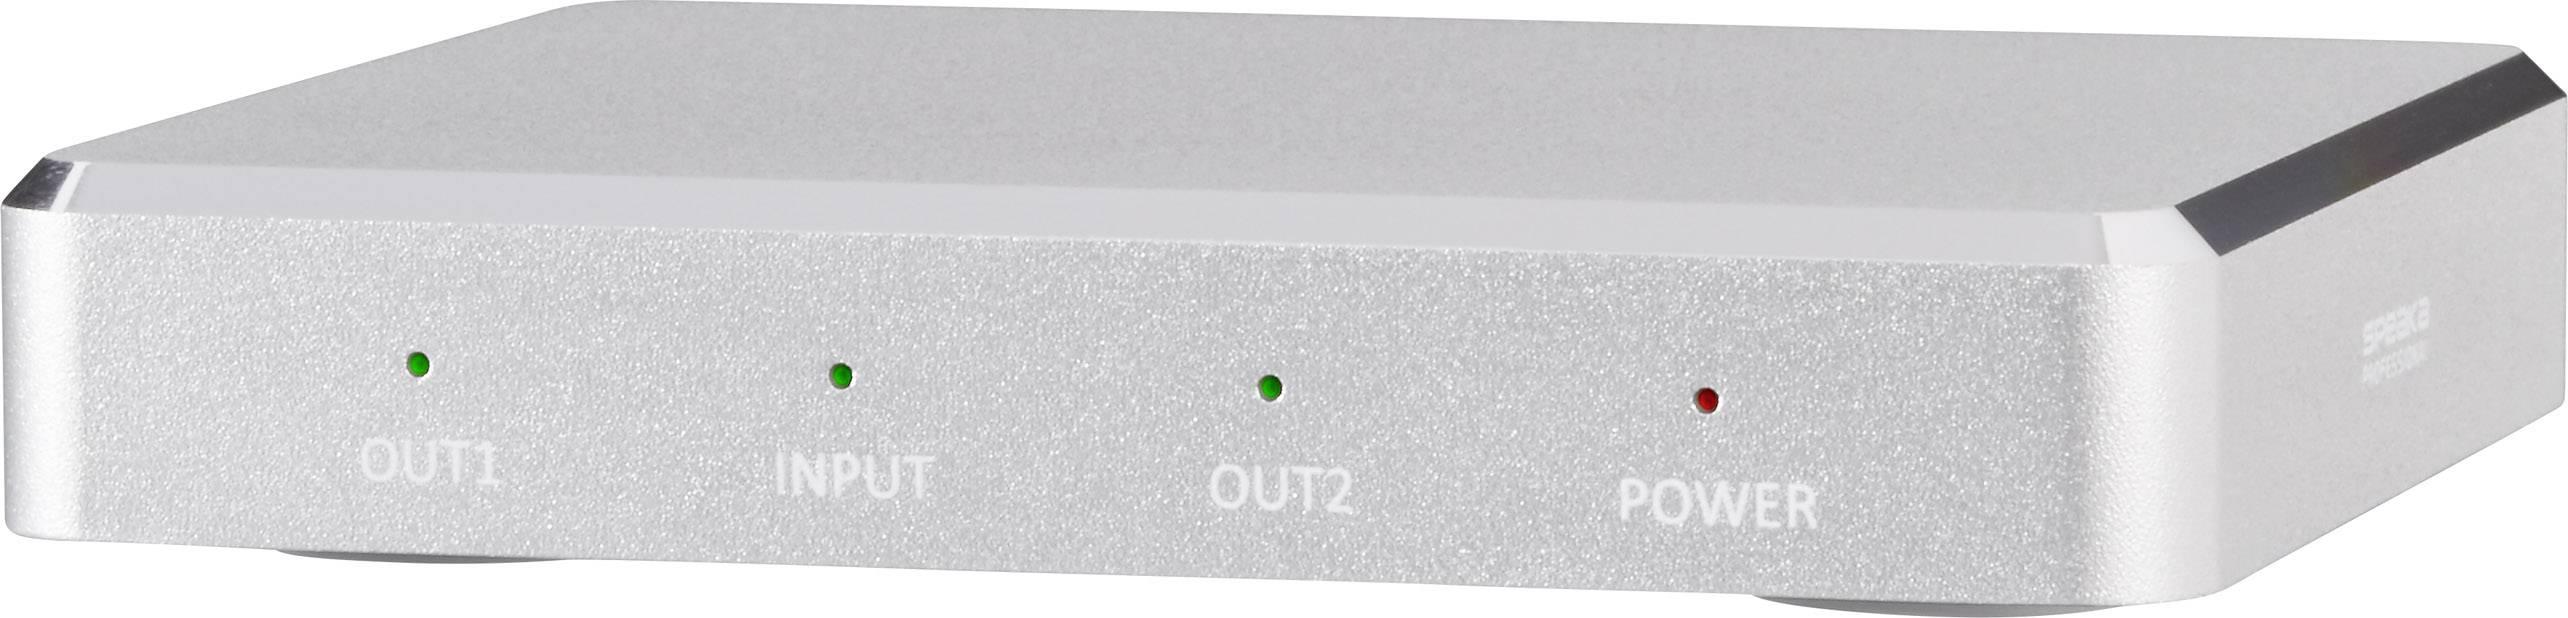 HDMI rozbočovač SpeaKa Professional s hliníkovým krytem, UHD N/A, 2 porty